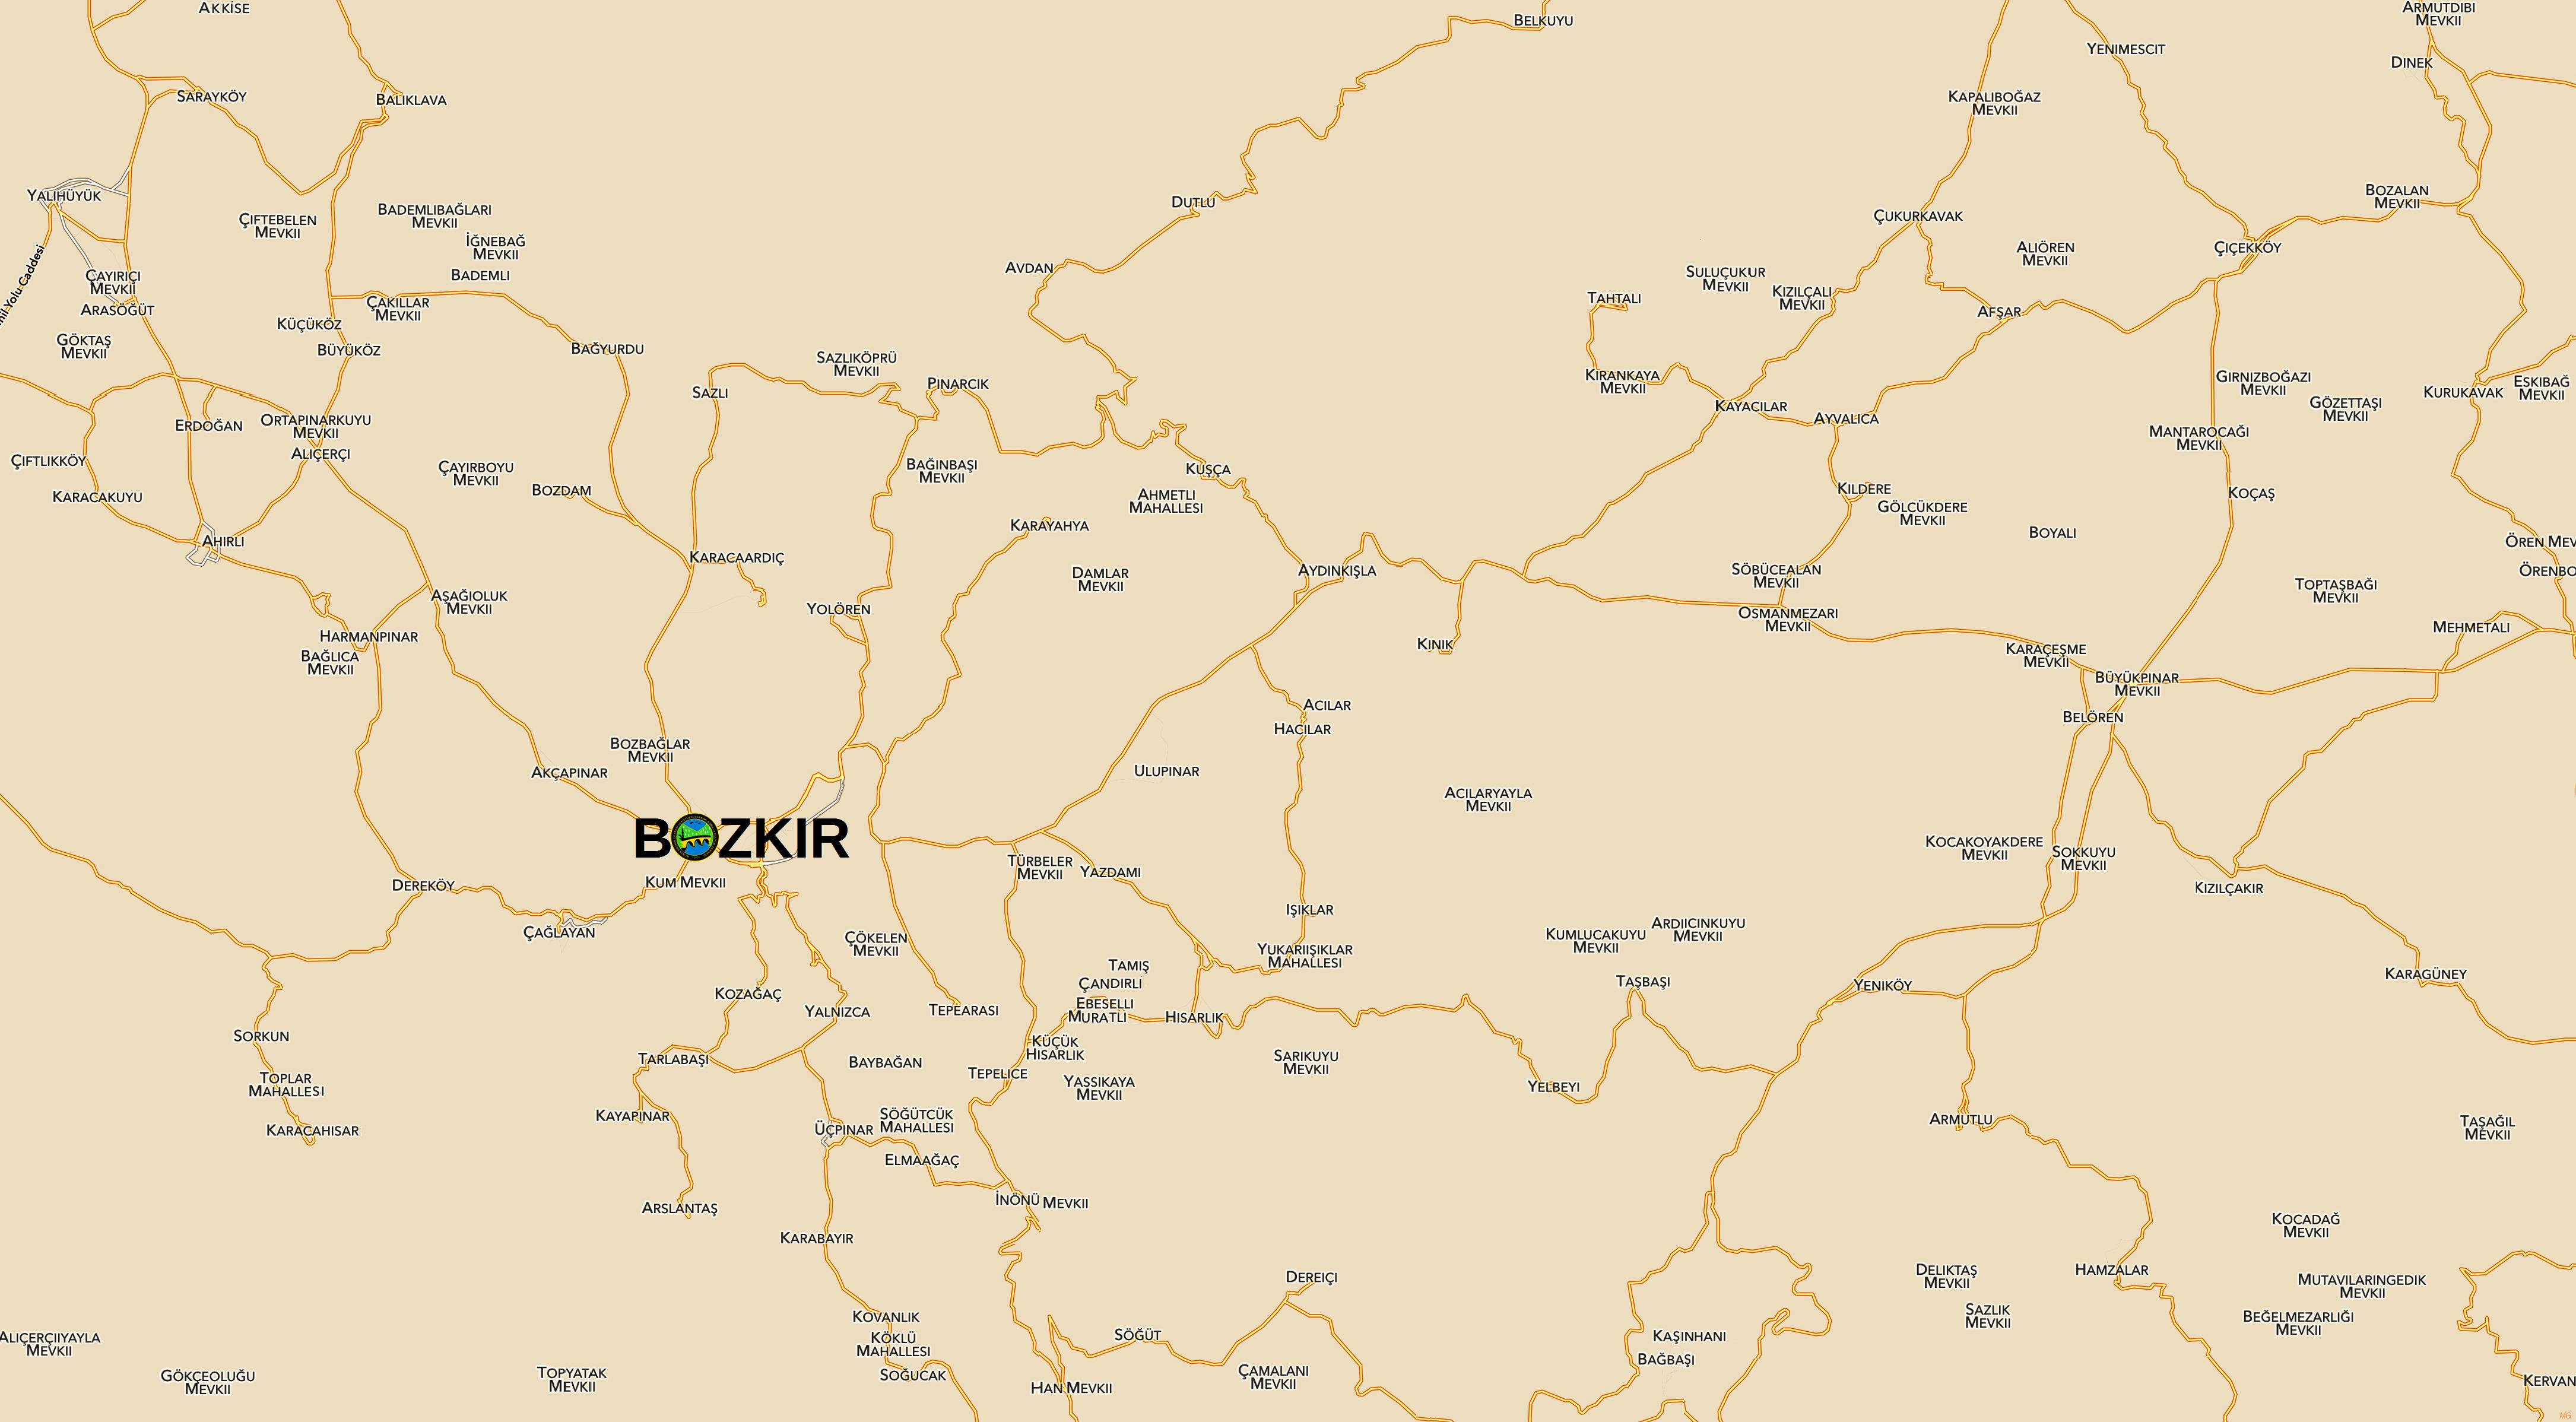 Bozkir Harita.png